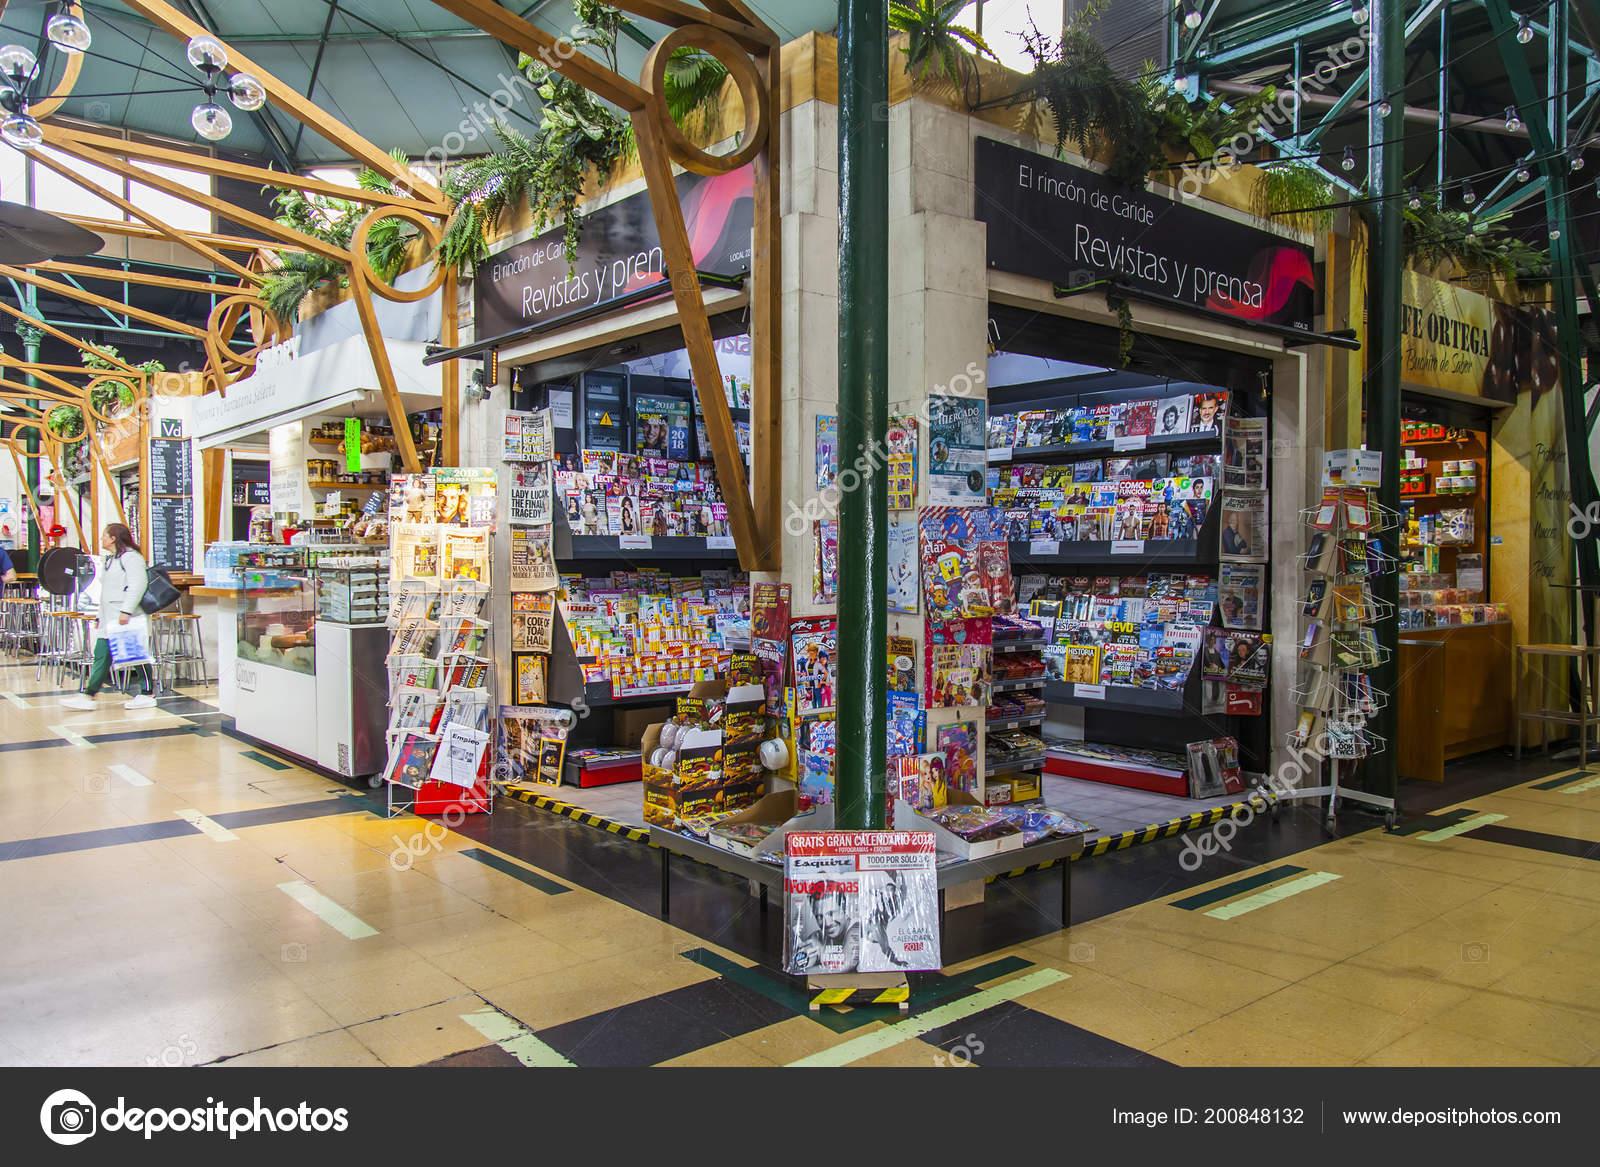 Calendario Palmas.Las Palmas Gran Canaria Spain January 2018 Stall Selling